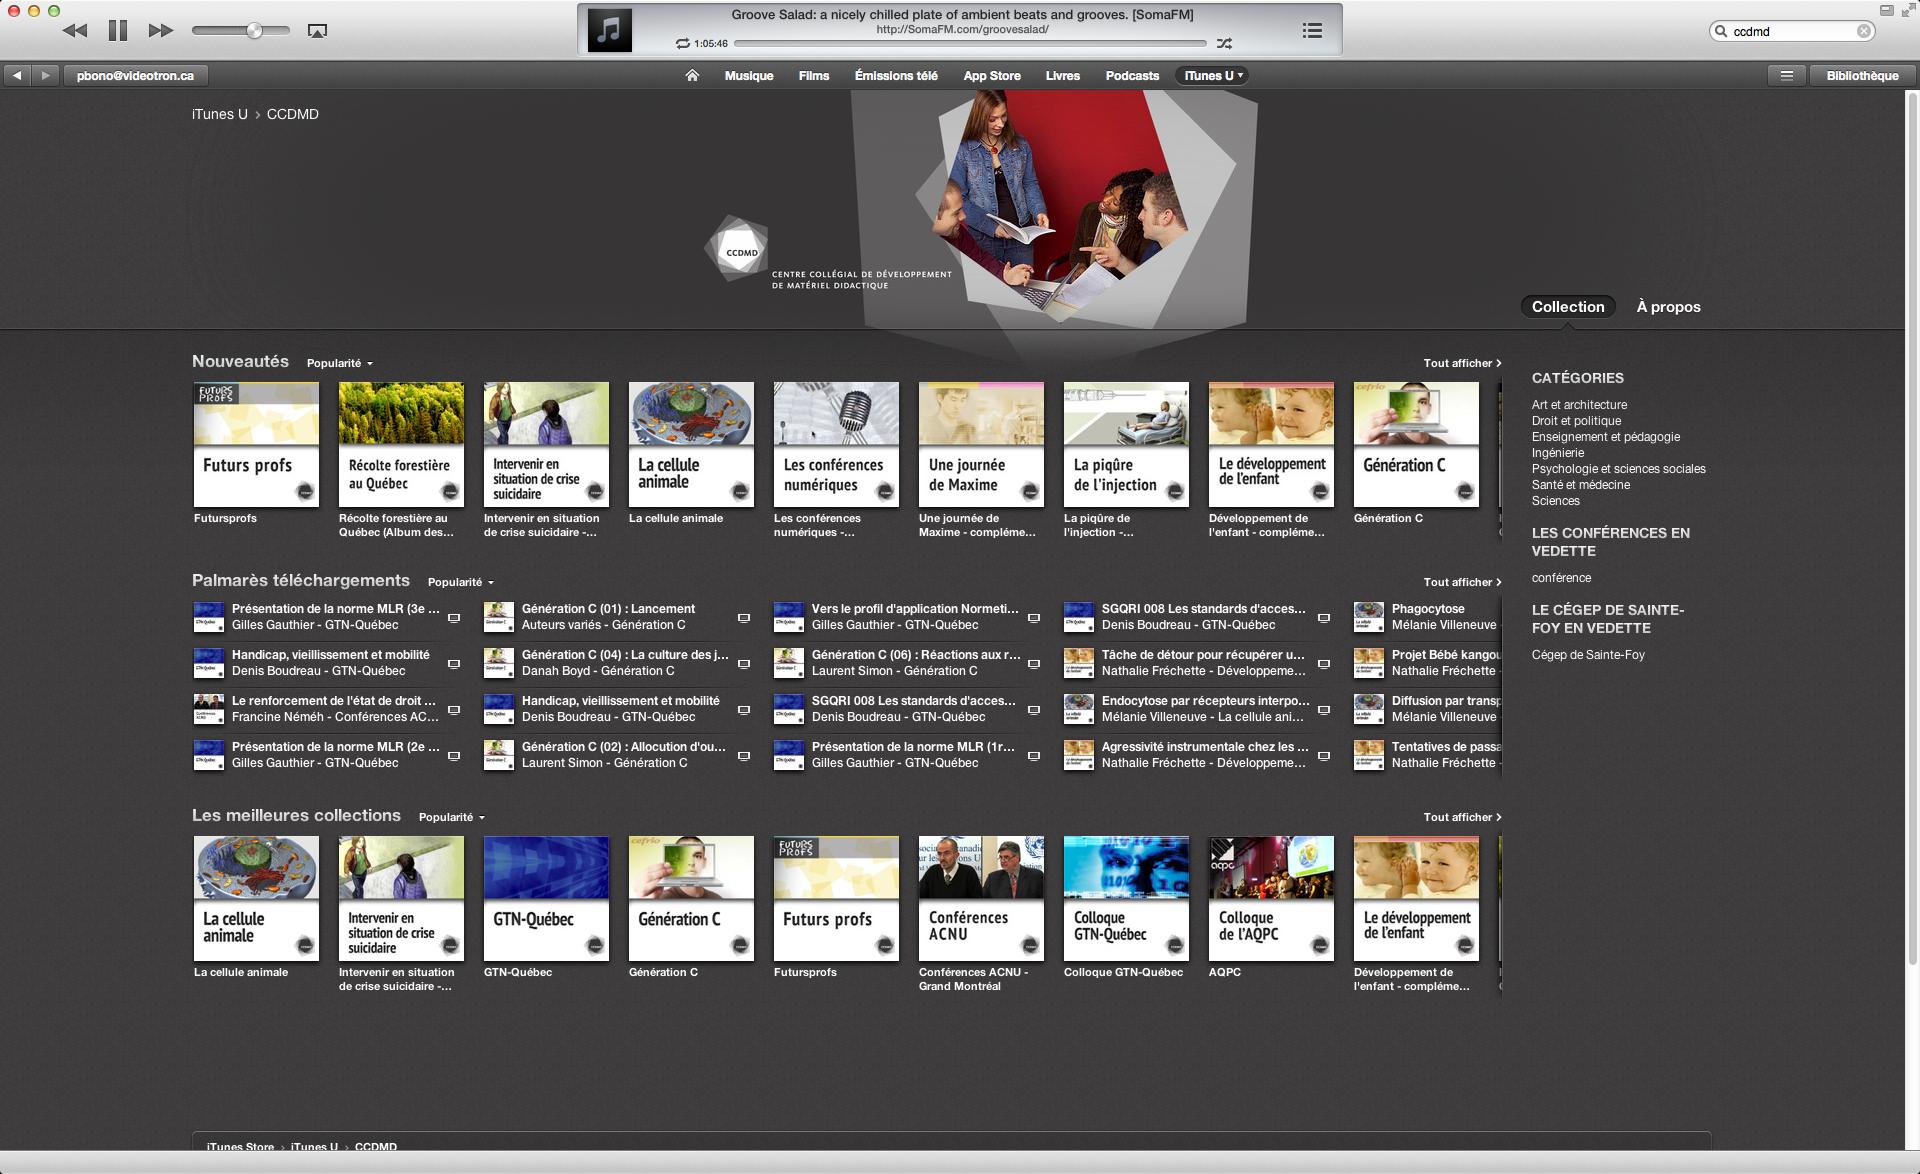 La page iTunes U du CCDMD